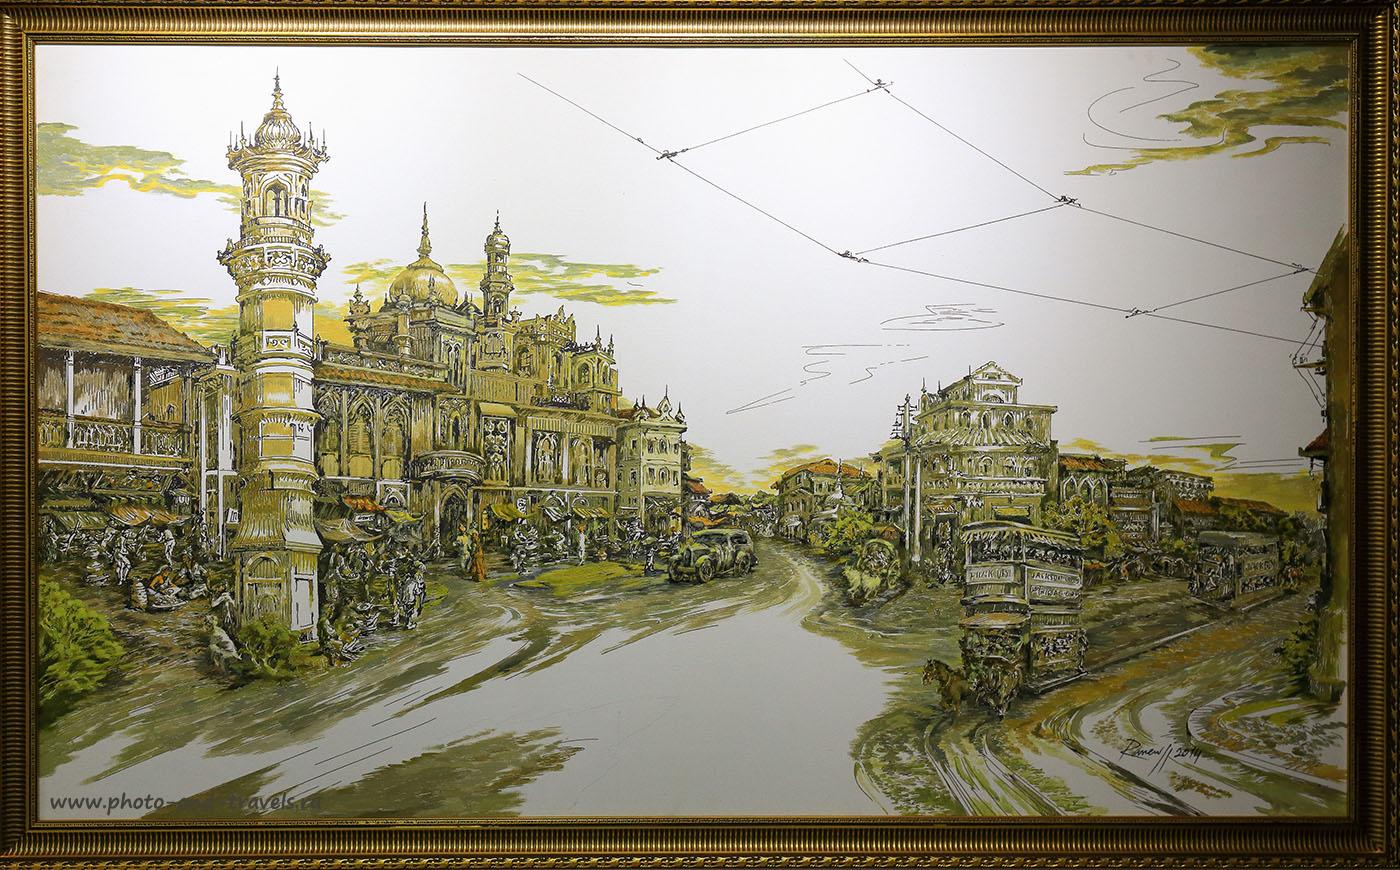 Фото 1. Современная живописная работа, изображающая улицу Бомбея в первой трети прошлого века. Отзывы туристов о поездке в Индию. Камера Canon EOS 6D, объектив Canon 24-70/2.8. Параметры съемки: 1/125, 0eV, f7.1, 42mm, ISO 1600)